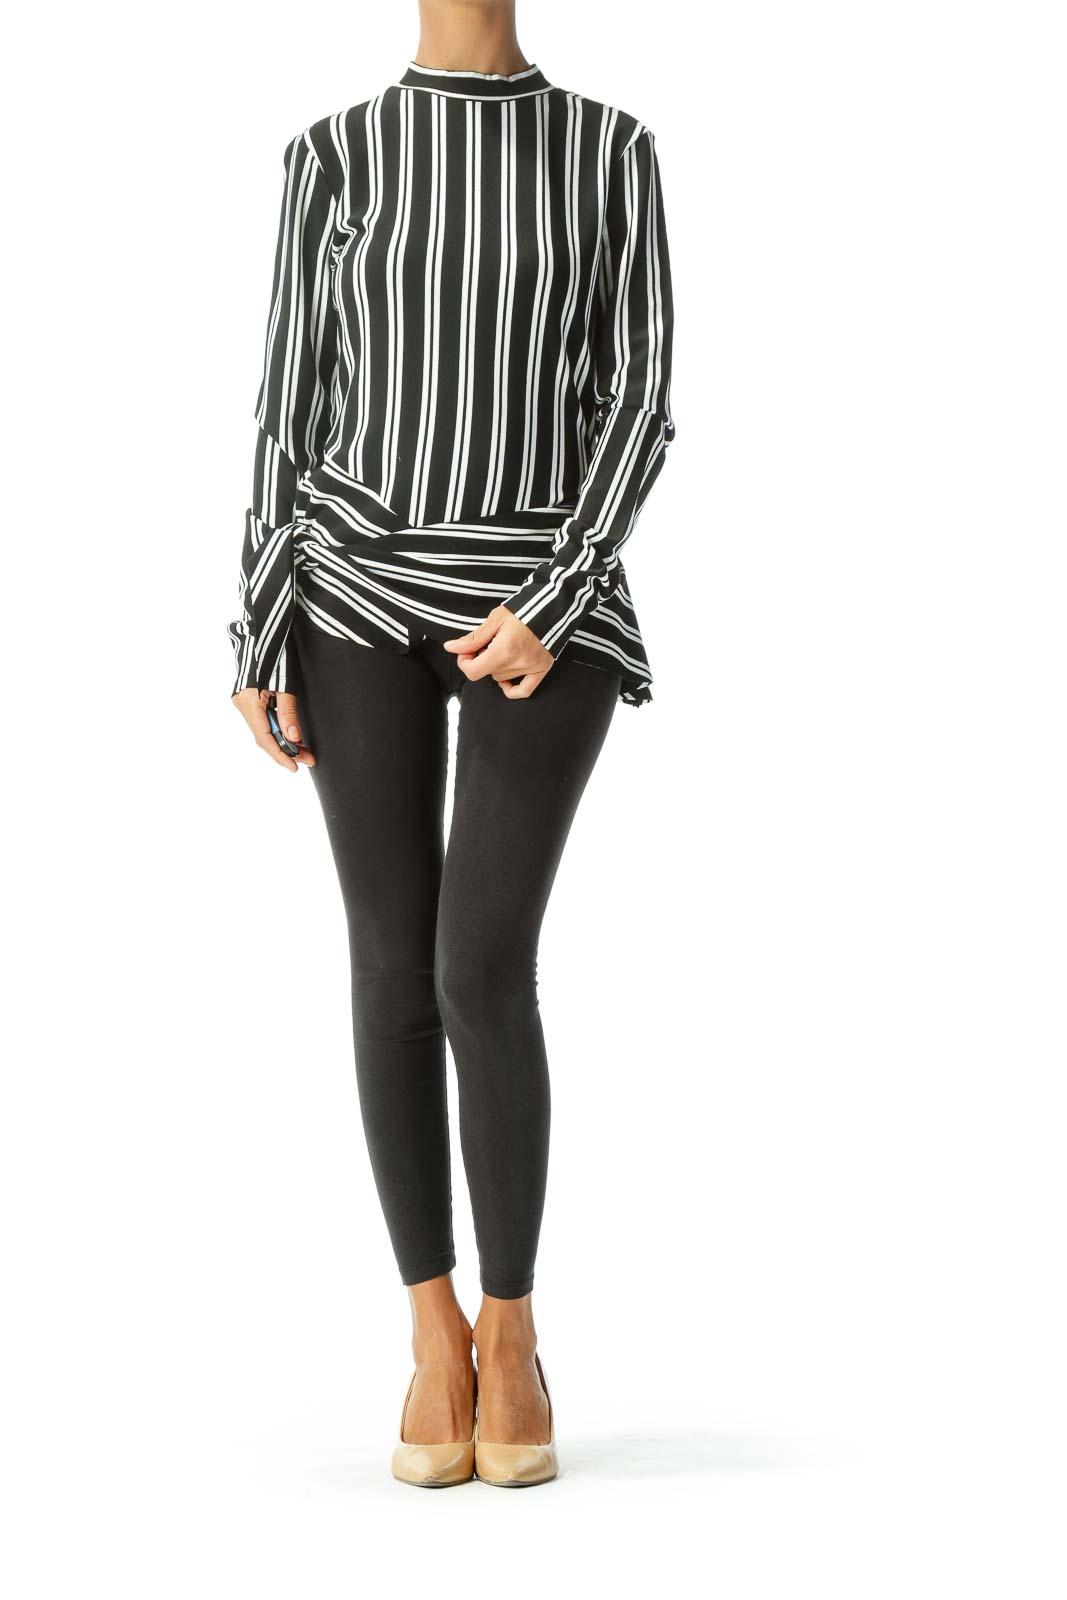 Black White Striped Asymmetric Long Sleeve Knit Top